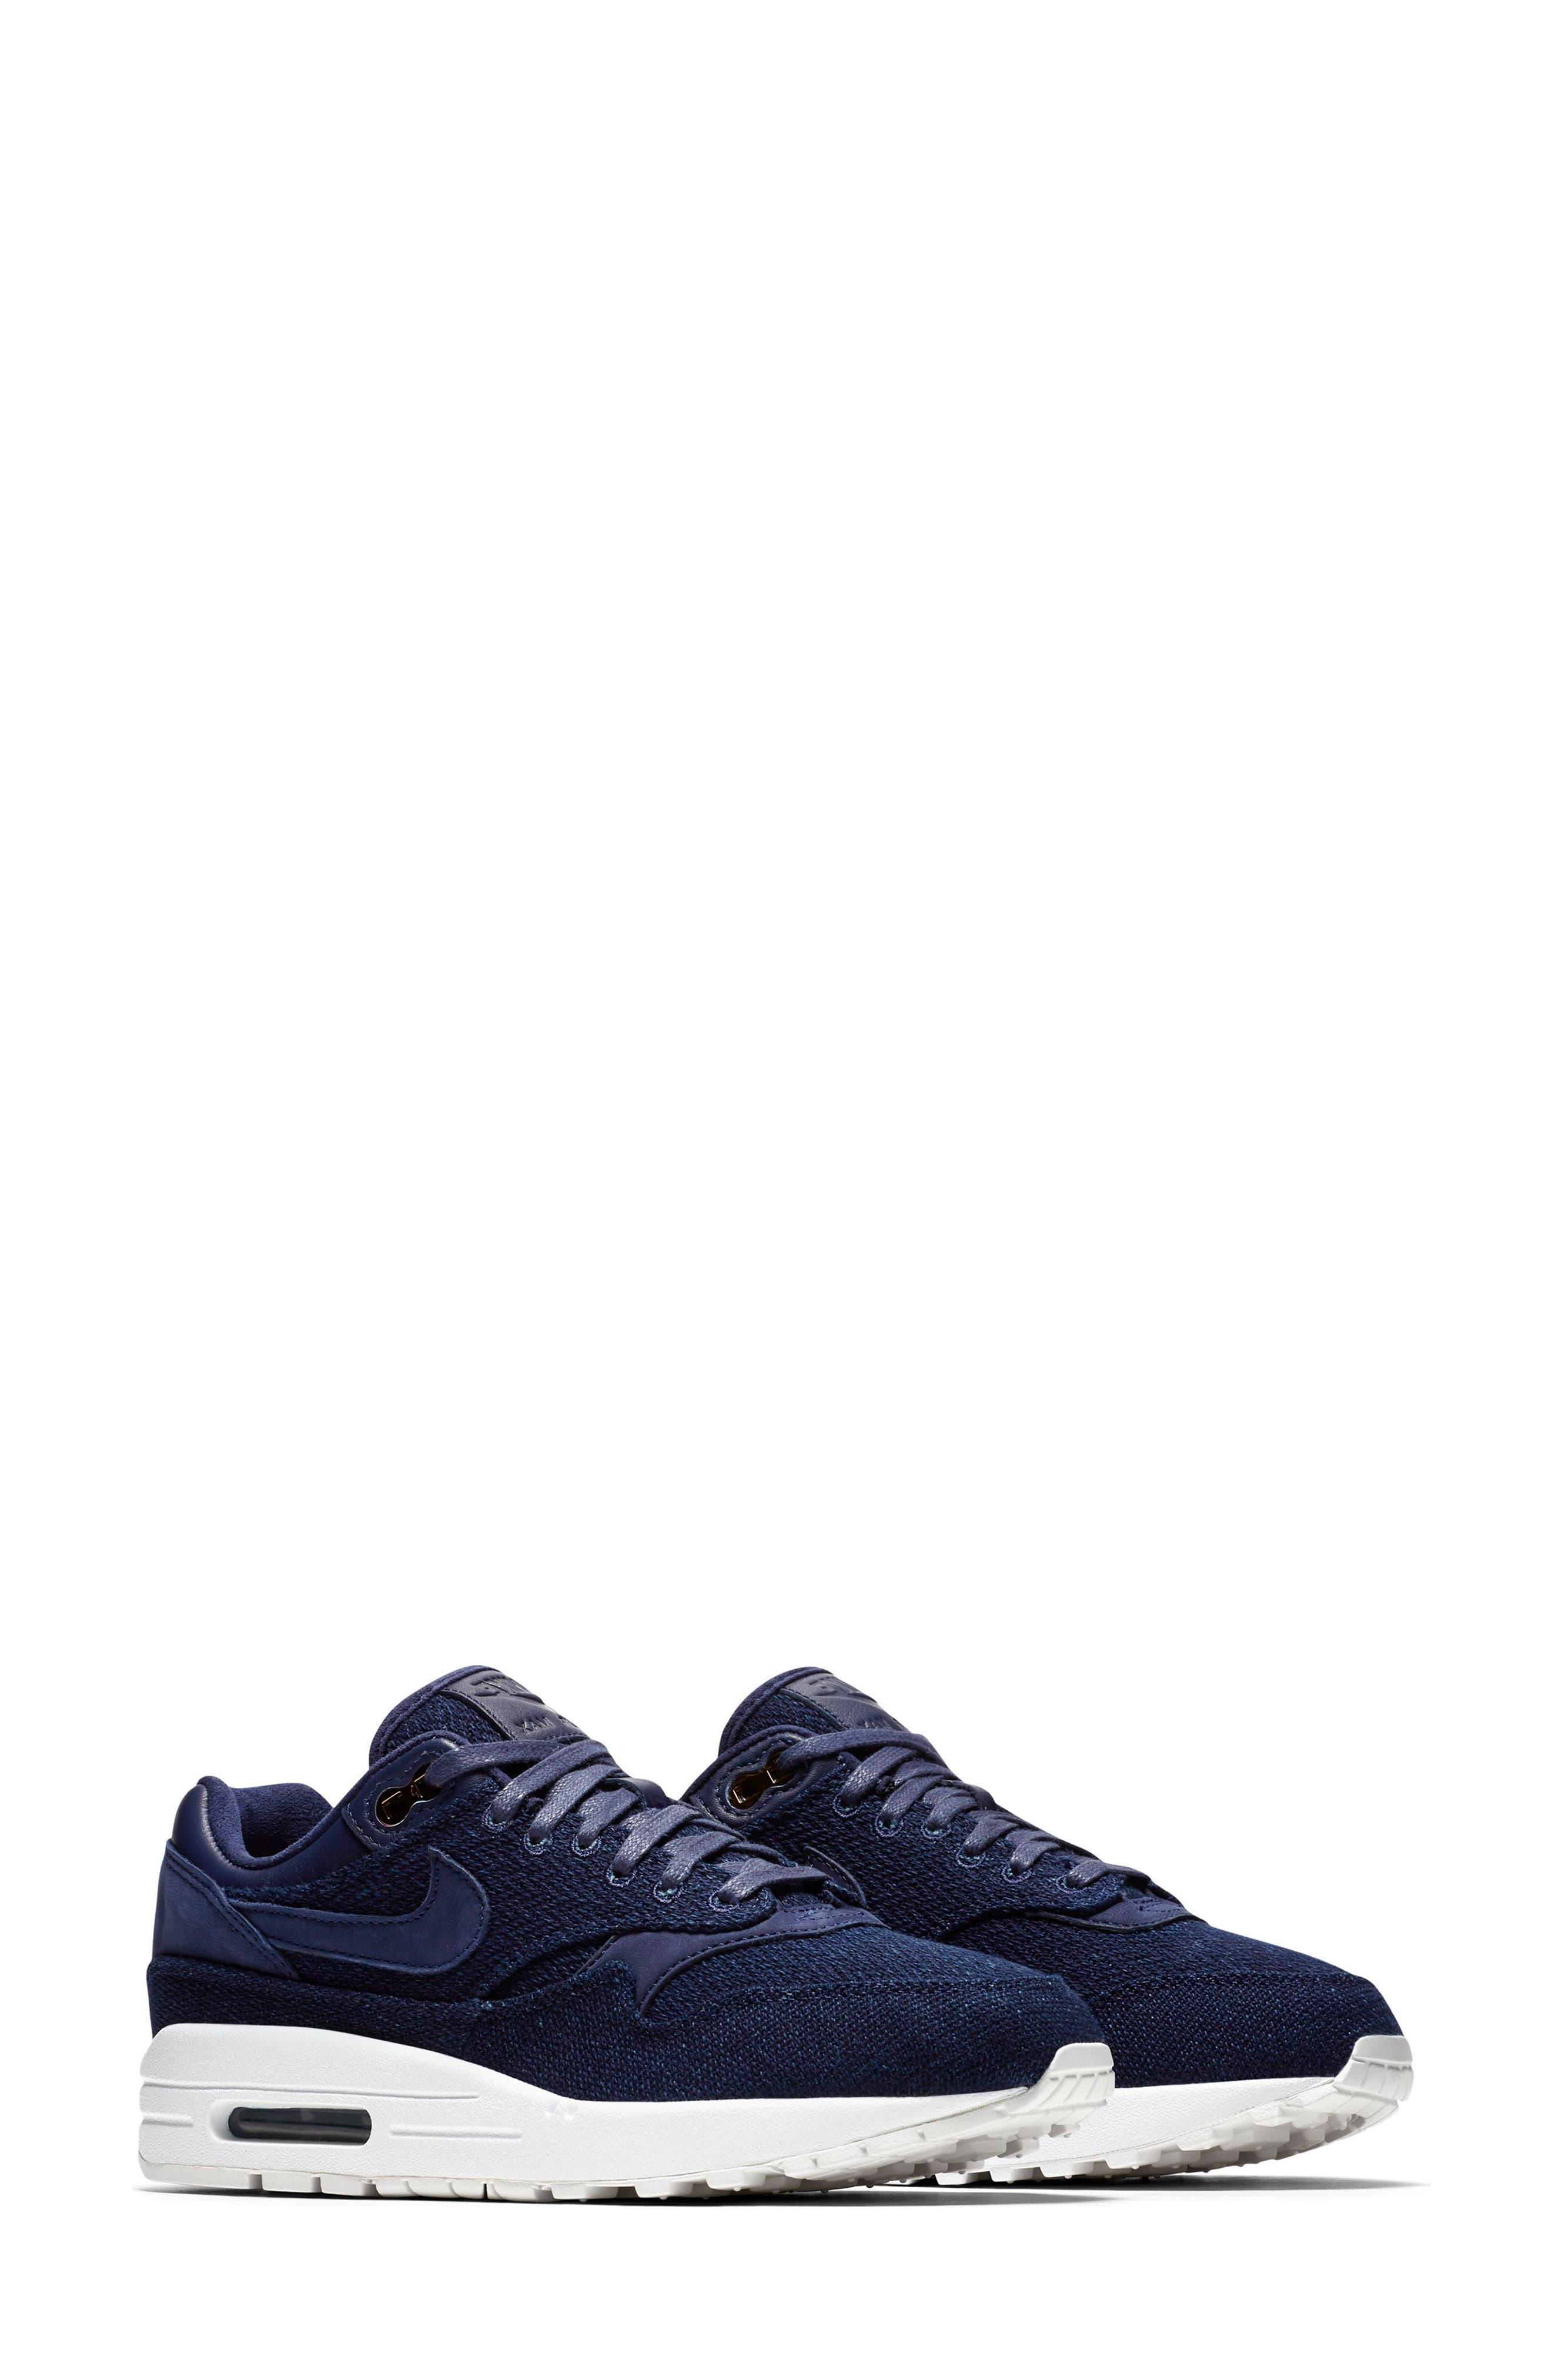 Main Image - Nike Air Max 1 Lux Sneaker (Women)